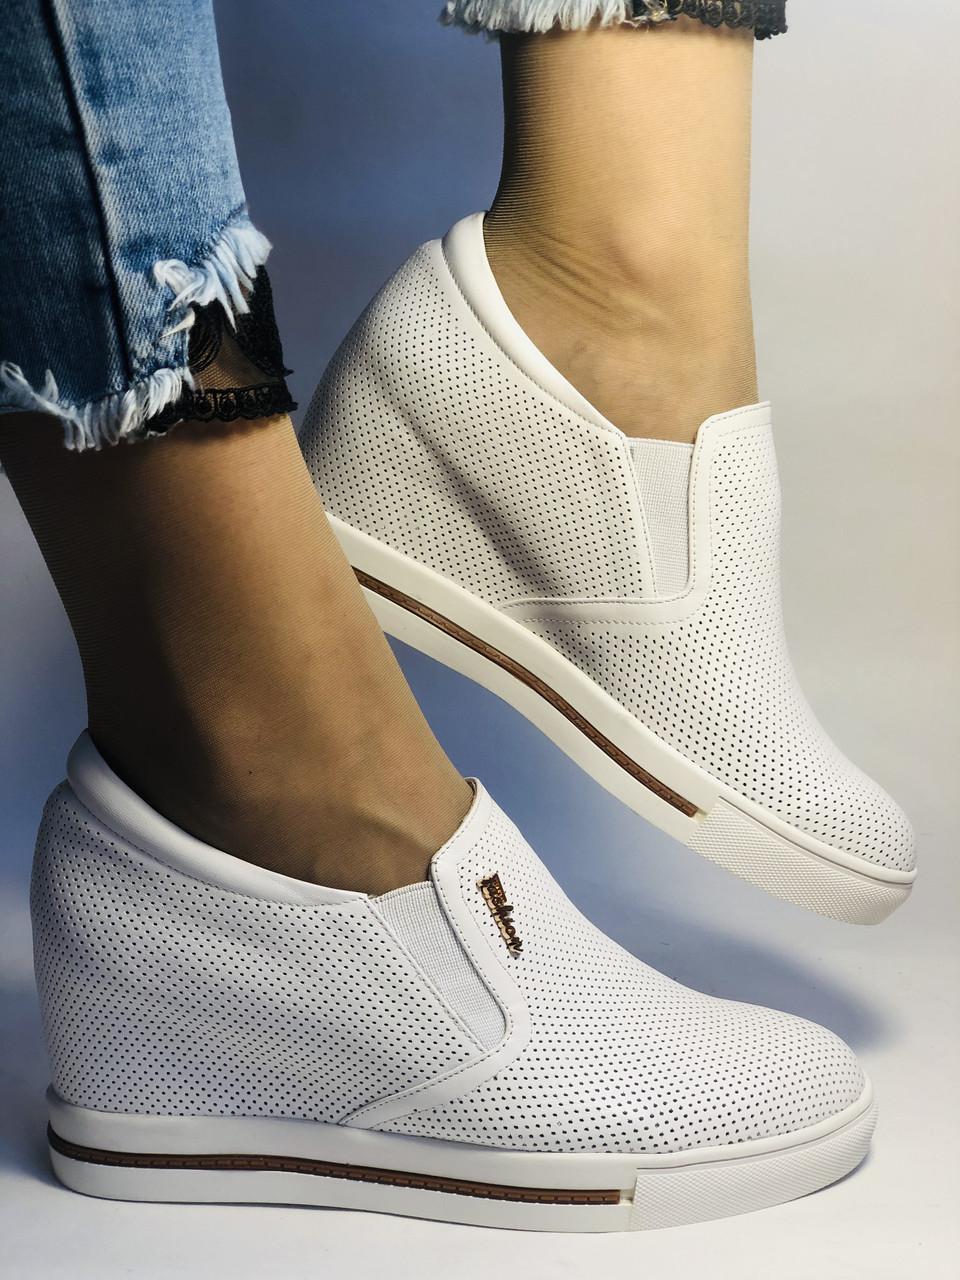 Хіт! Стильні жіночі кеди-білі кросівки.Натуральна шкіра. Розмір 39.